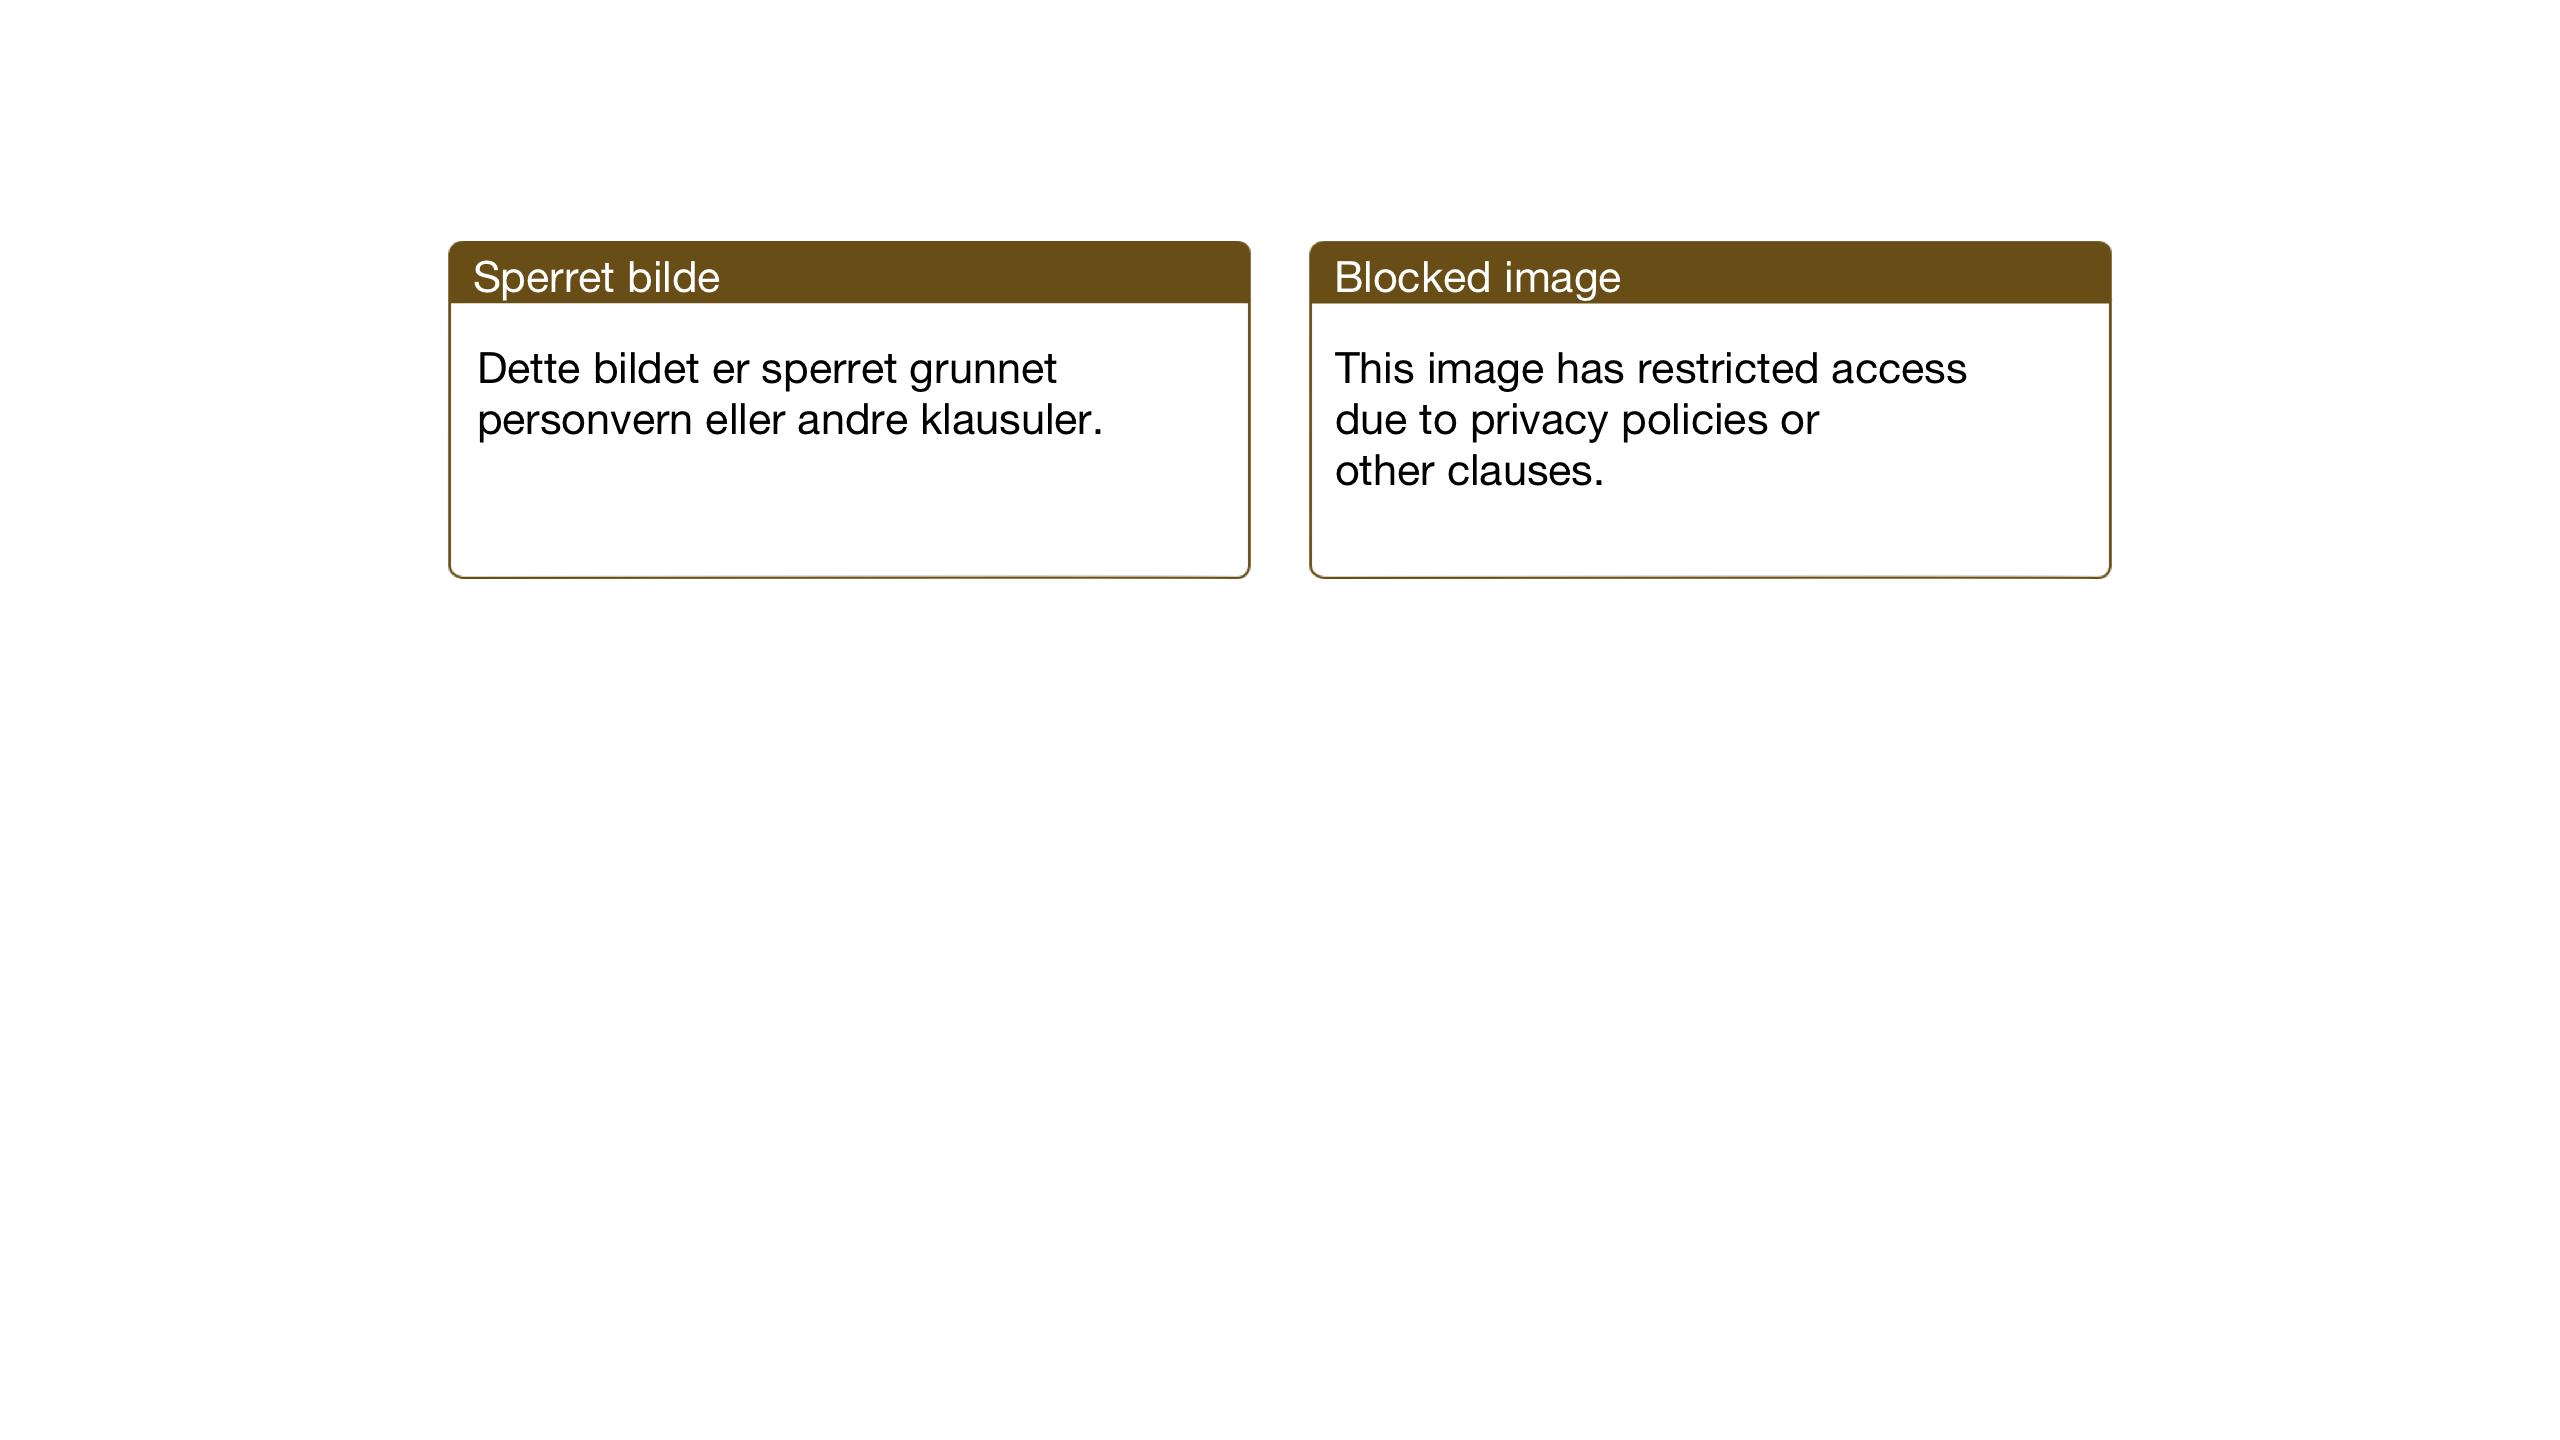 SAT, Ministerialprotokoller, klokkerbøker og fødselsregistre - Sør-Trøndelag, 681/L0943: Klokkerbok nr. 681C07, 1926-1954, s. 257